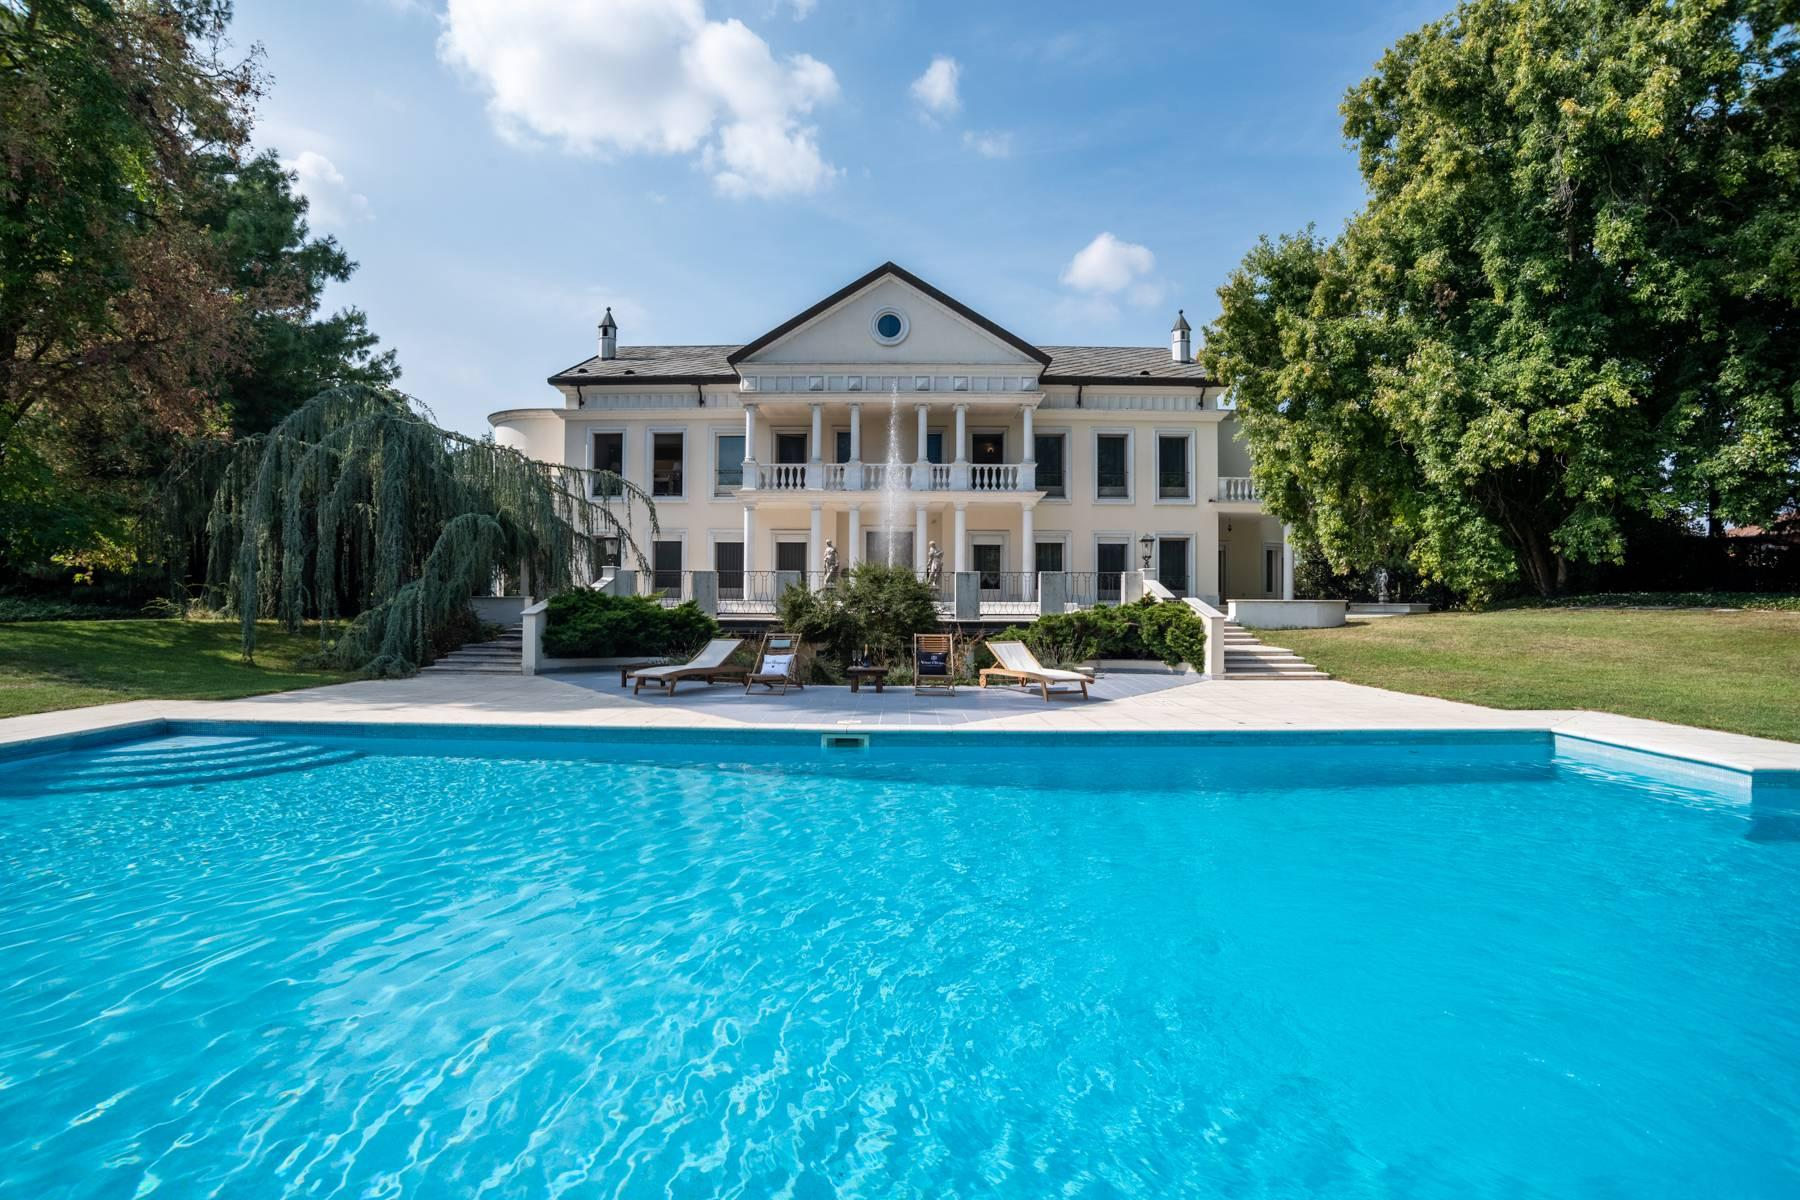 Lussuosa villa neoclassica con ampio parco e piscina - 2